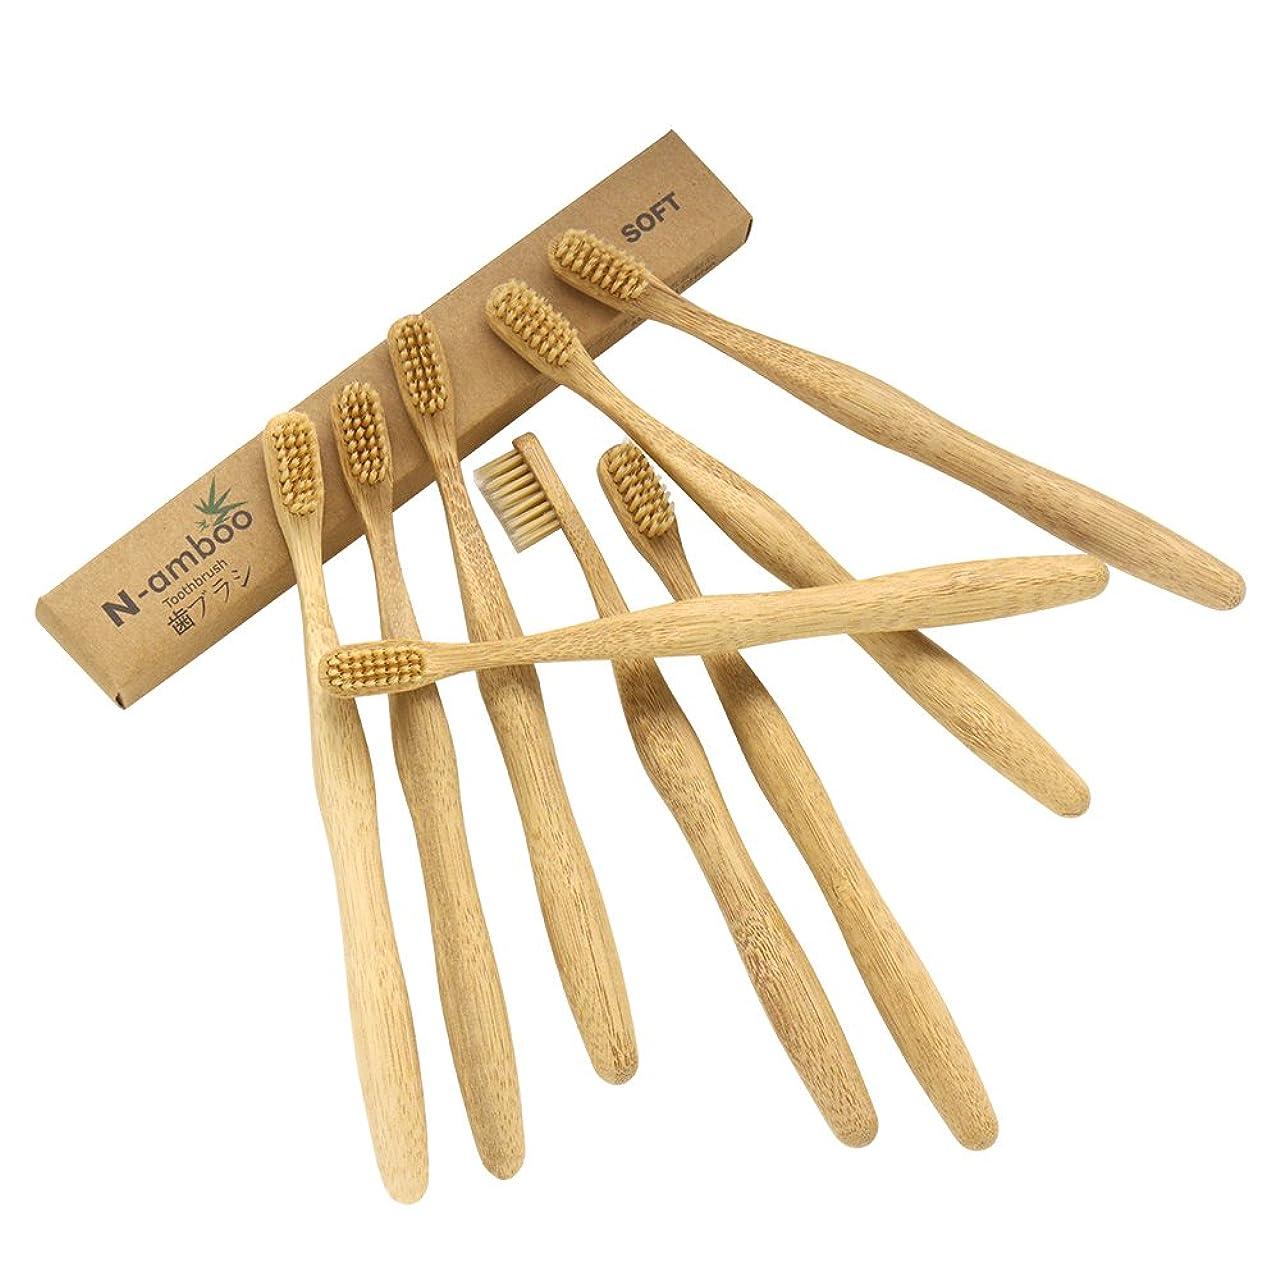 ボトルネック突破口生N-amboo 竹製耐久度高い 歯ブラシ ベージュ 8本入り セット